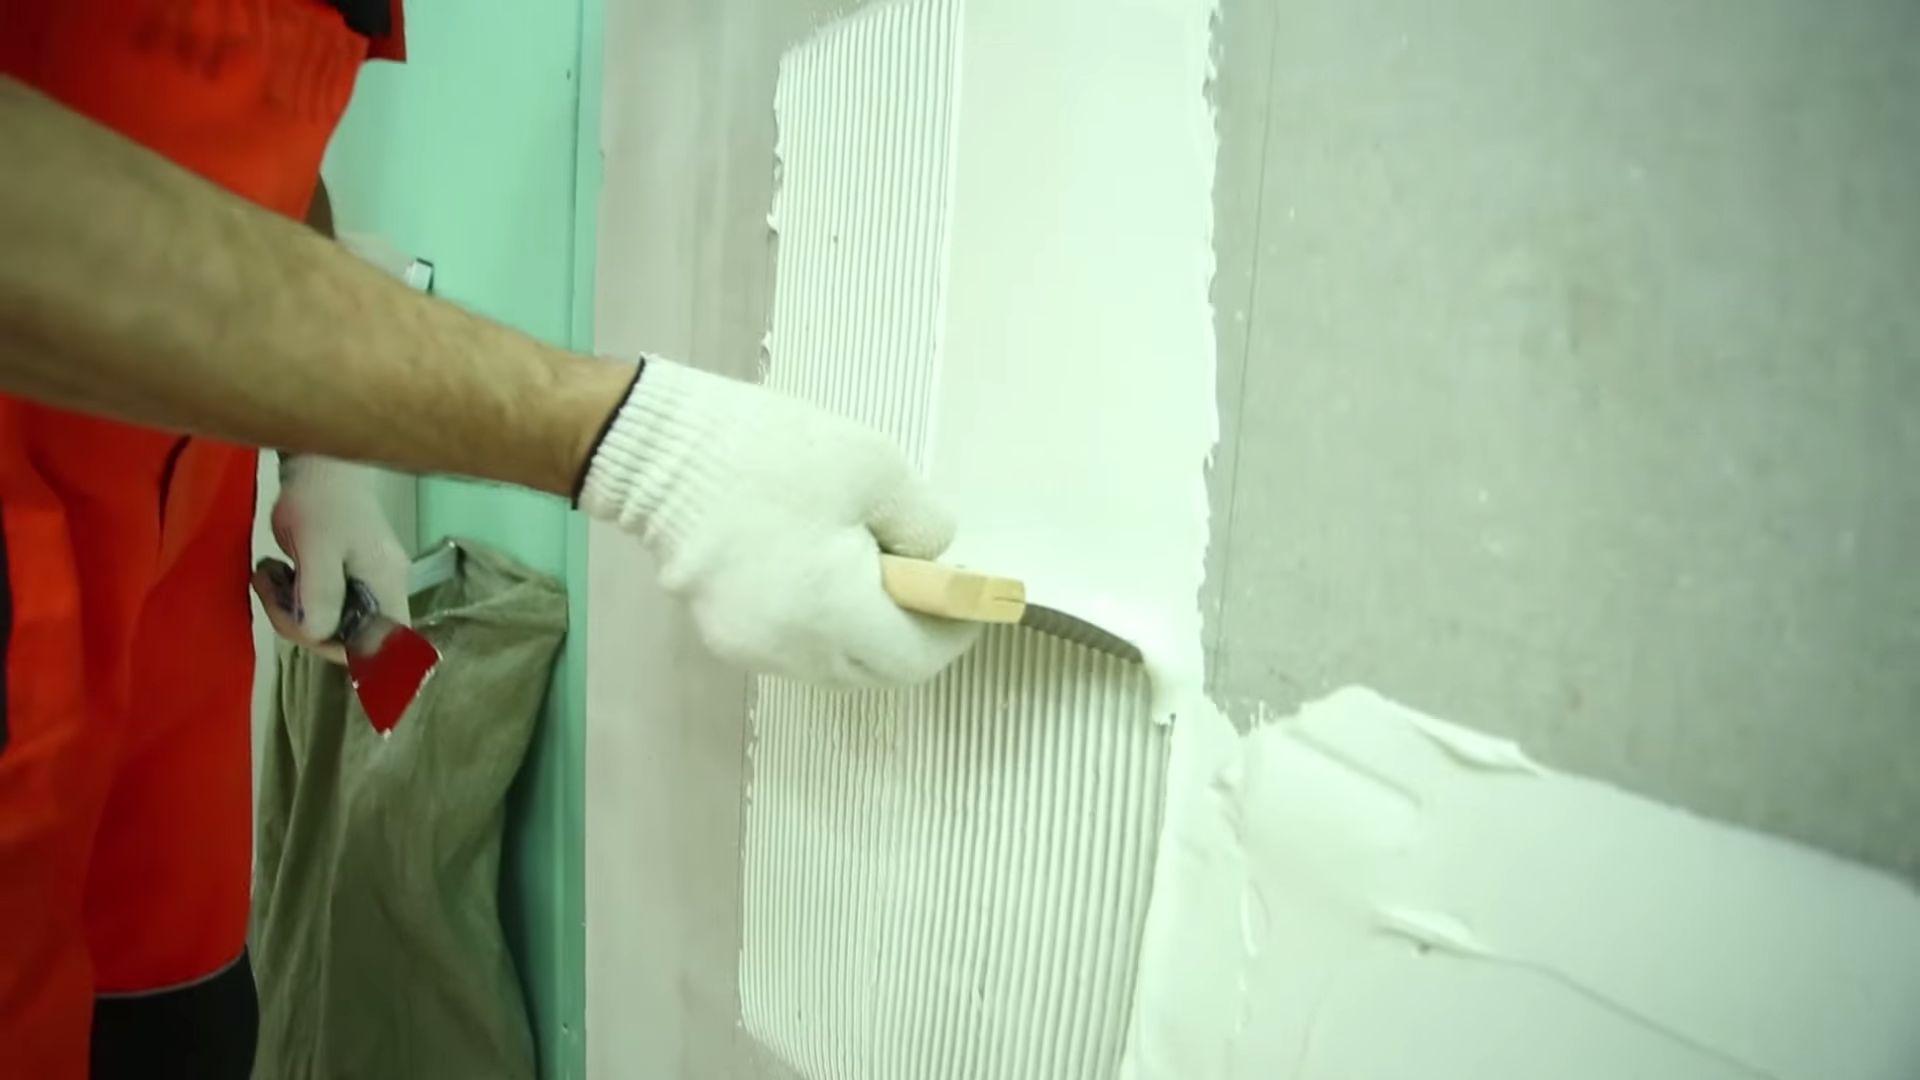 Белый плиточный клей.